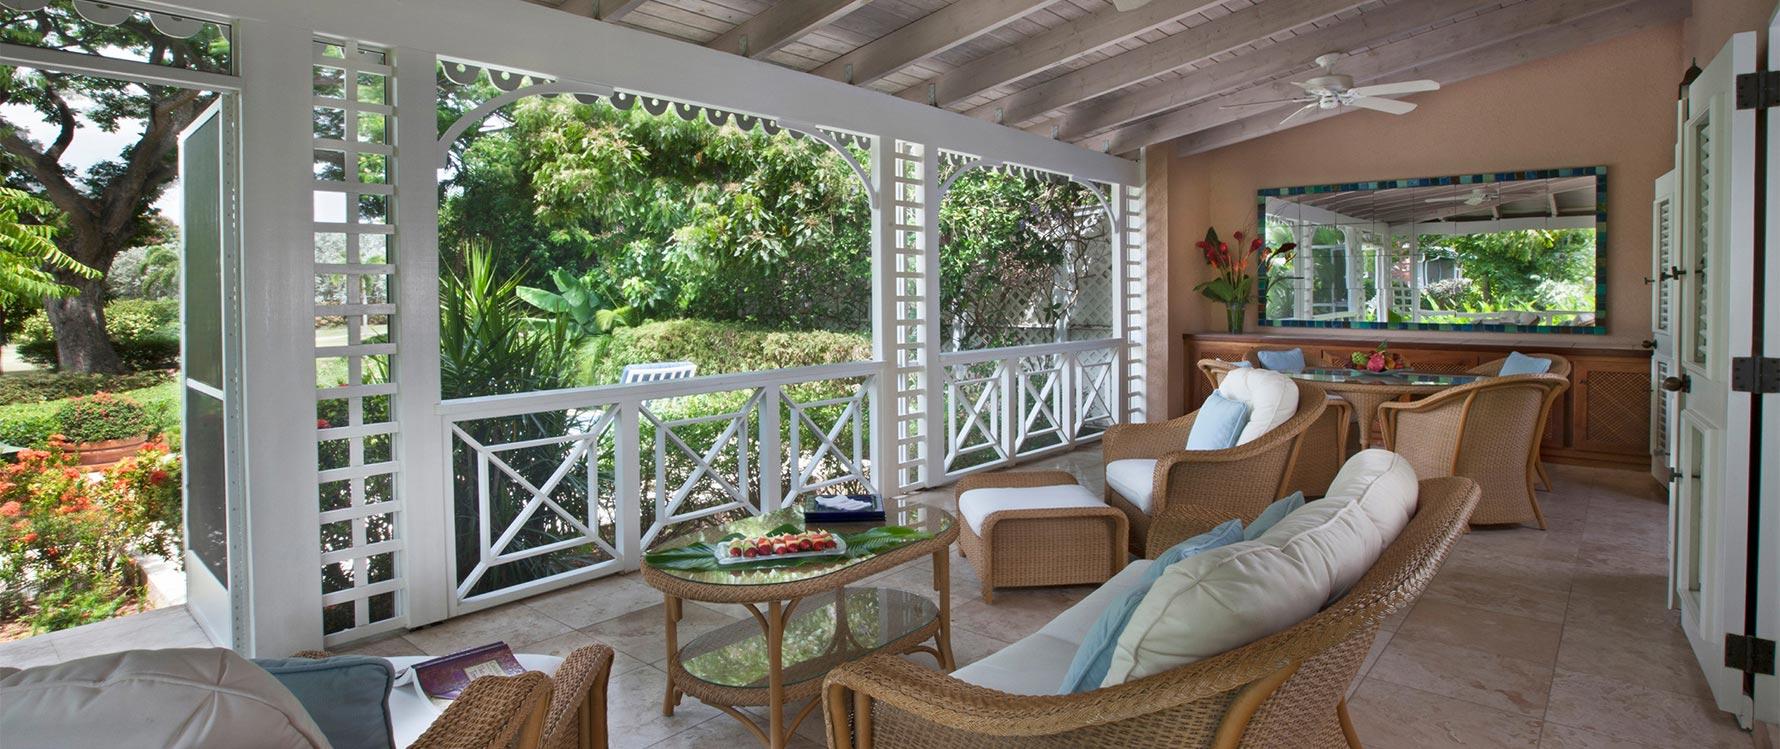 Screened veranda area facing pool